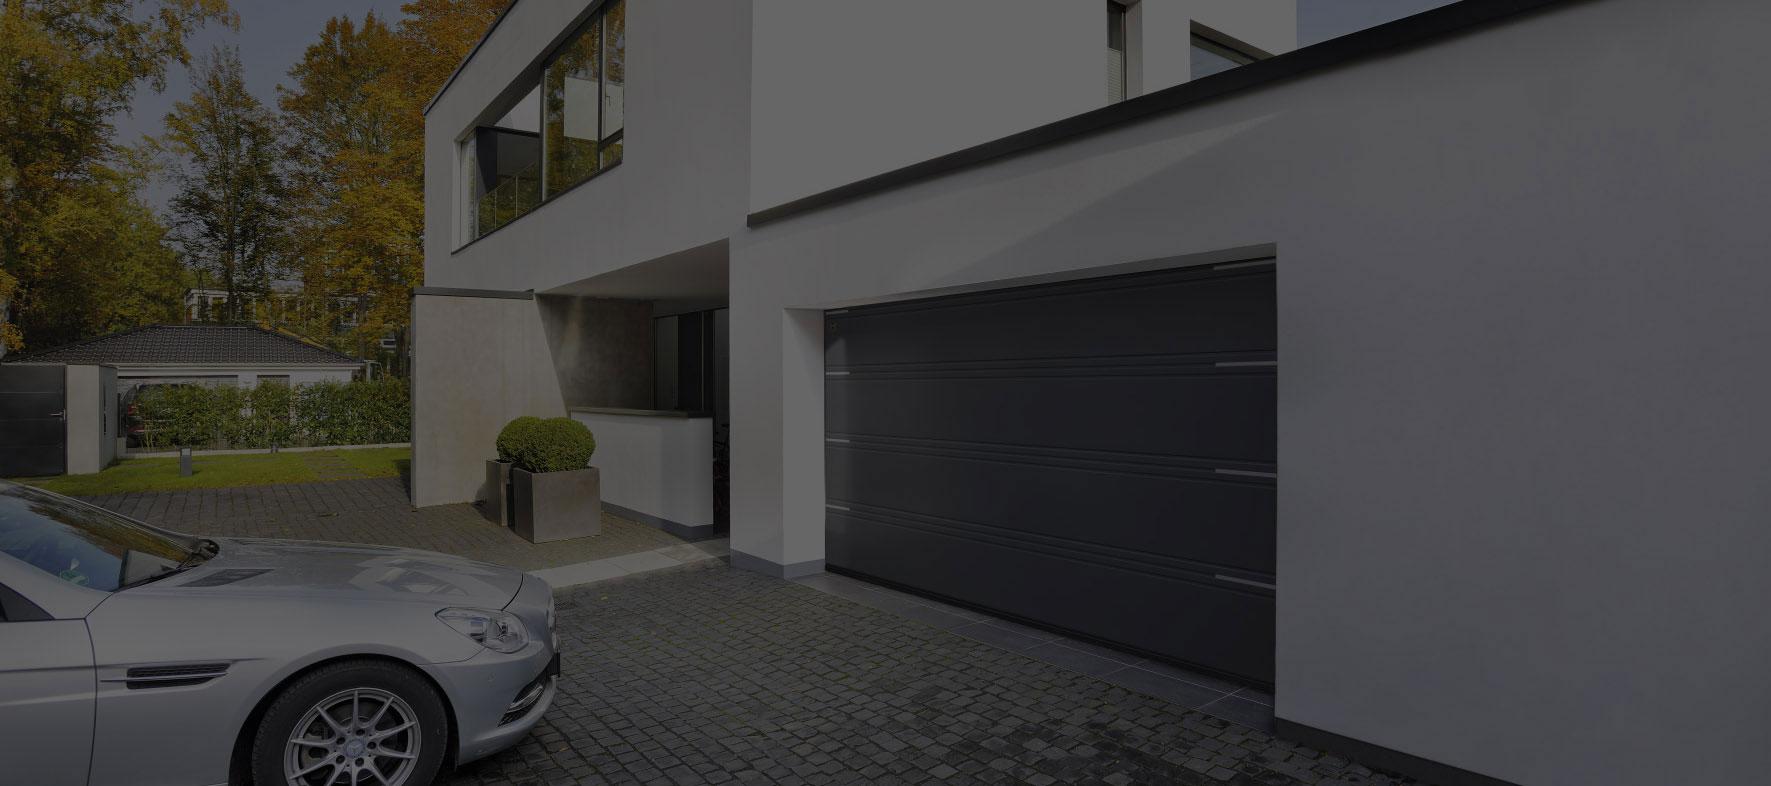 instaladores de puertas seccionales en marbella